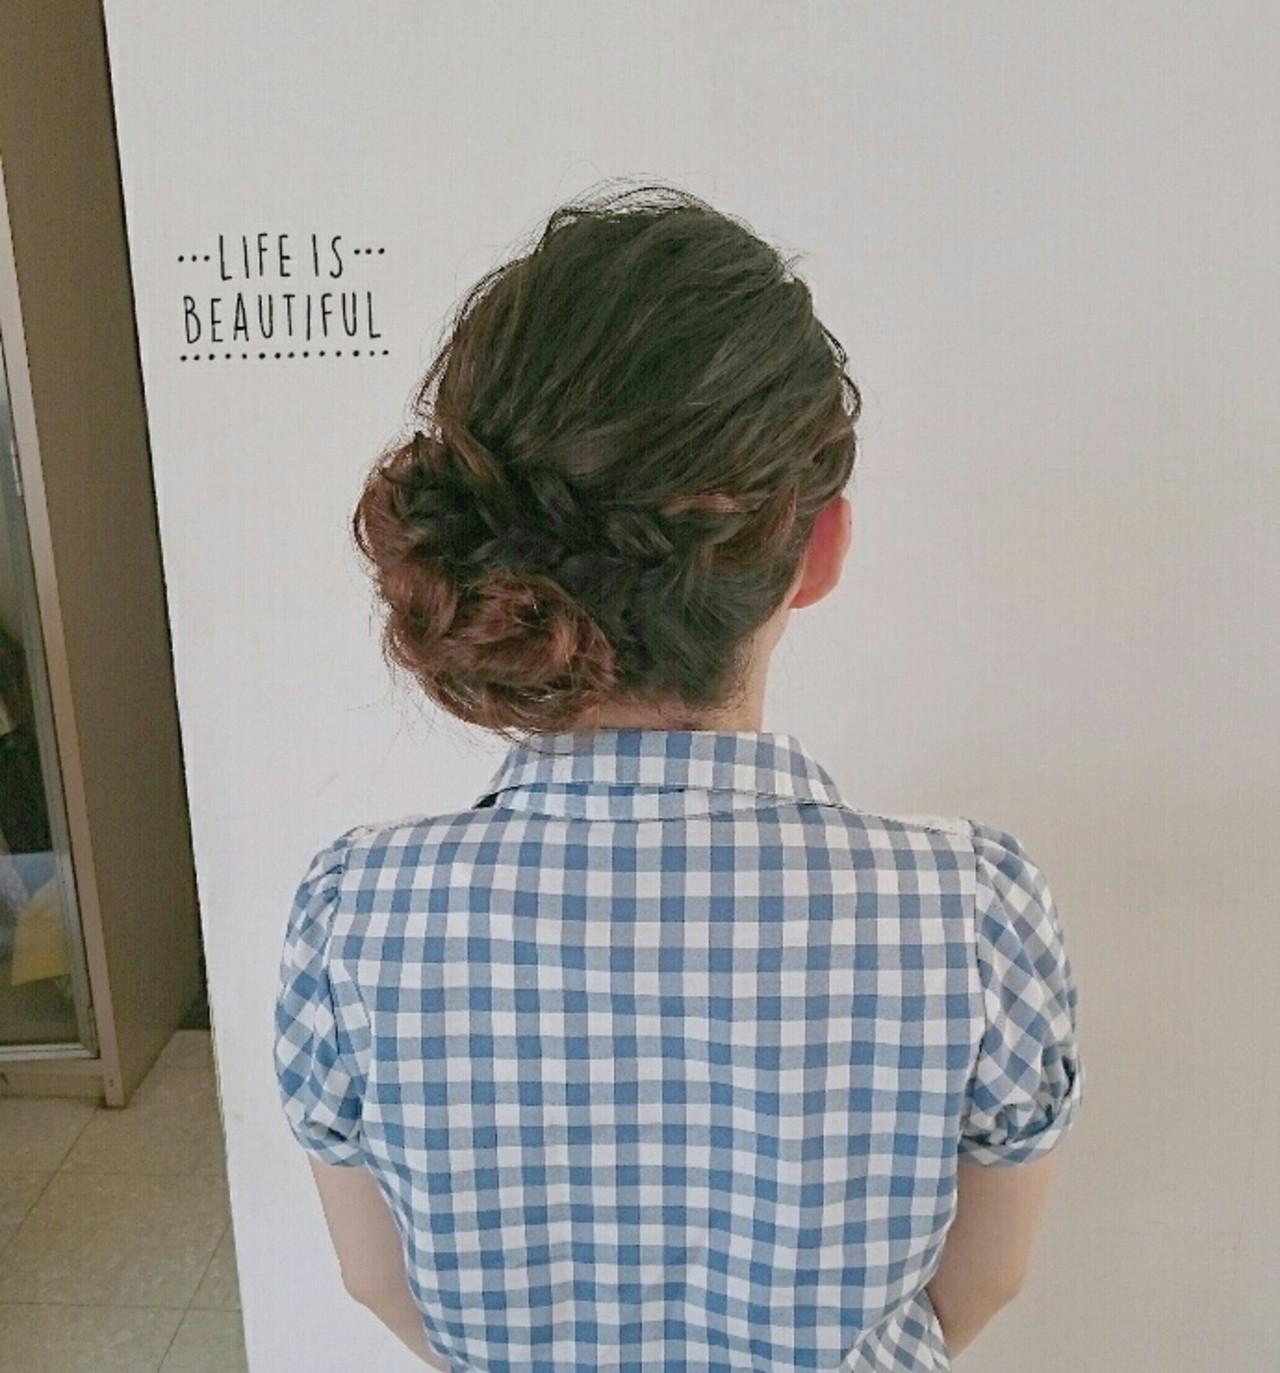 結婚式 セミロング ブライダル ヘアアレンジ ヘアスタイルや髪型の写真・画像 | 美和遥 FITZ(フィッツ) / 富士美容院 FITZ (フィッツ)